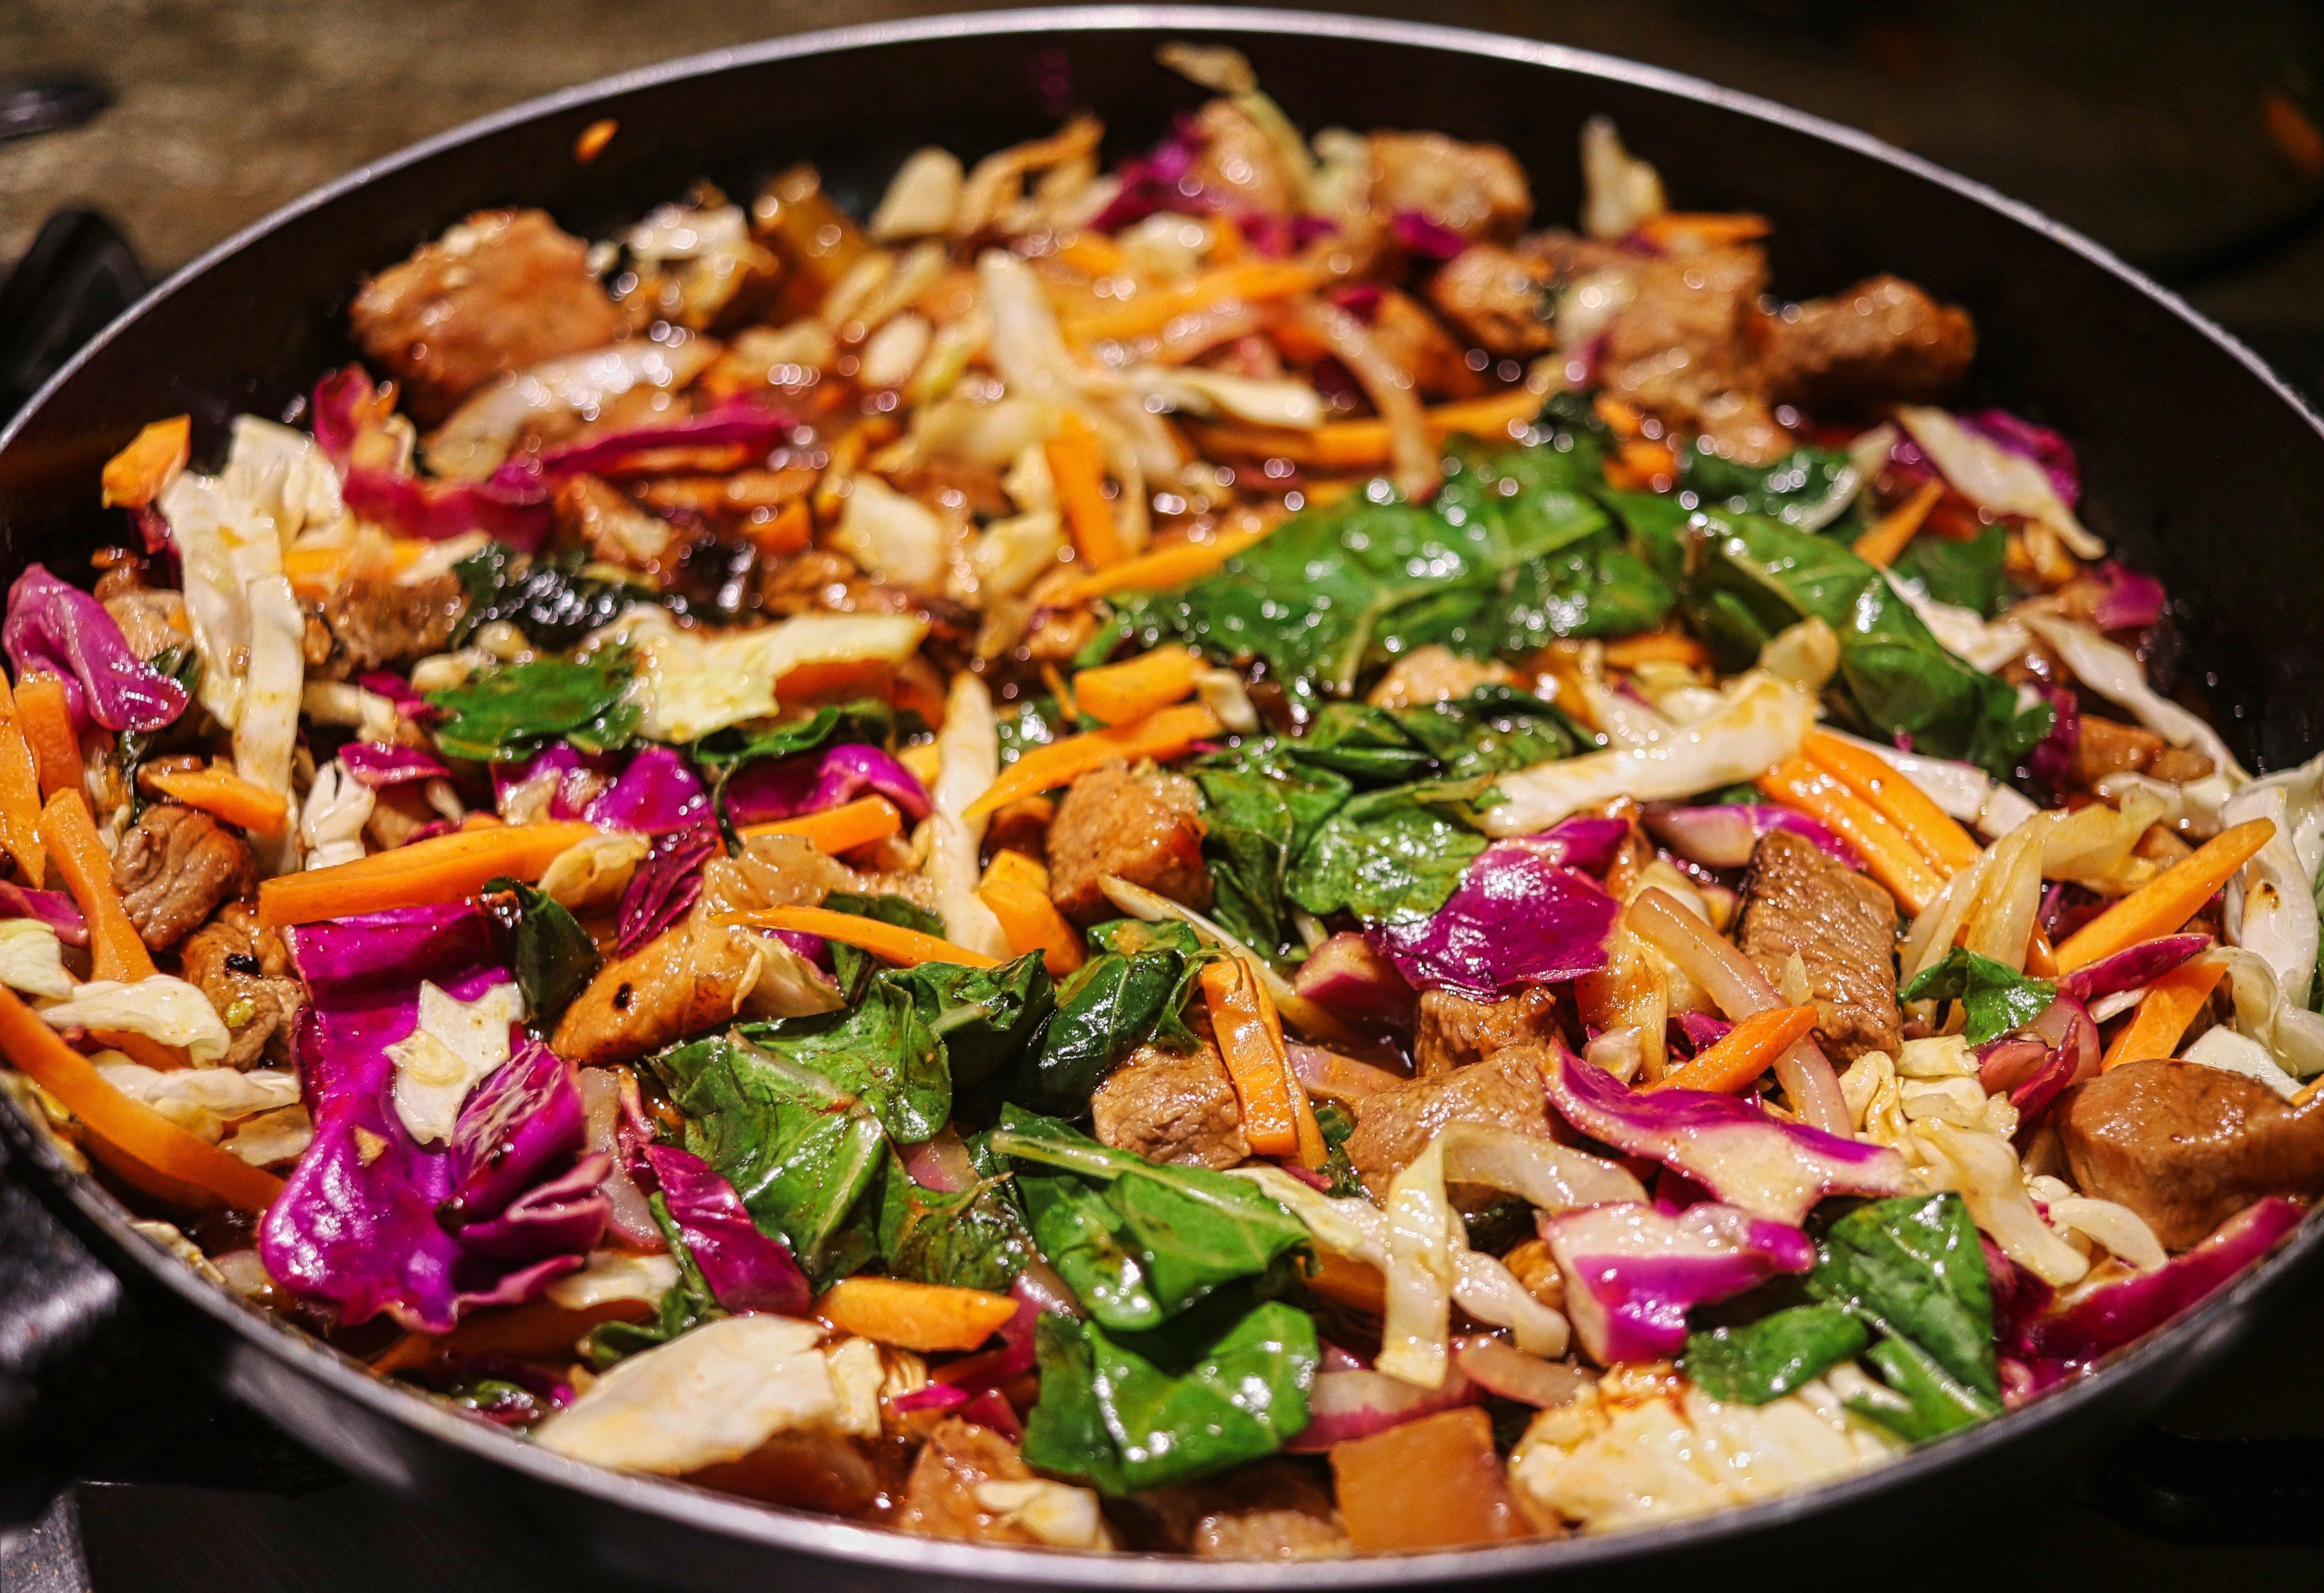 Broccoli, Bok Choy, & Eggplant Stir Fry